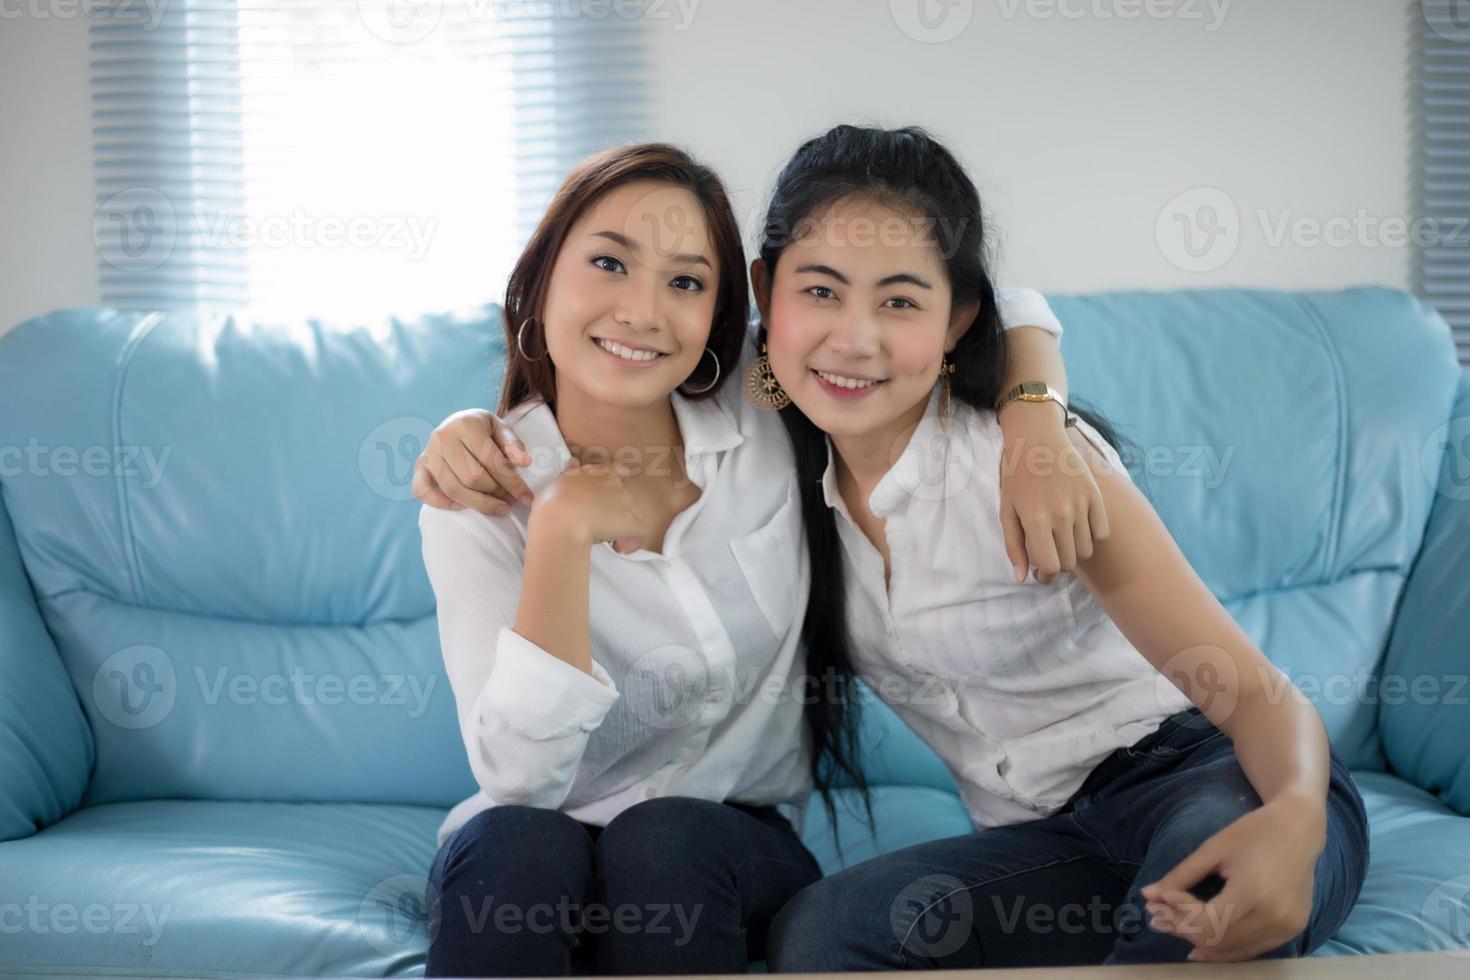 duas mulheres amigas competitivas animadas, felizes, alegres e sorrindo em casa foto